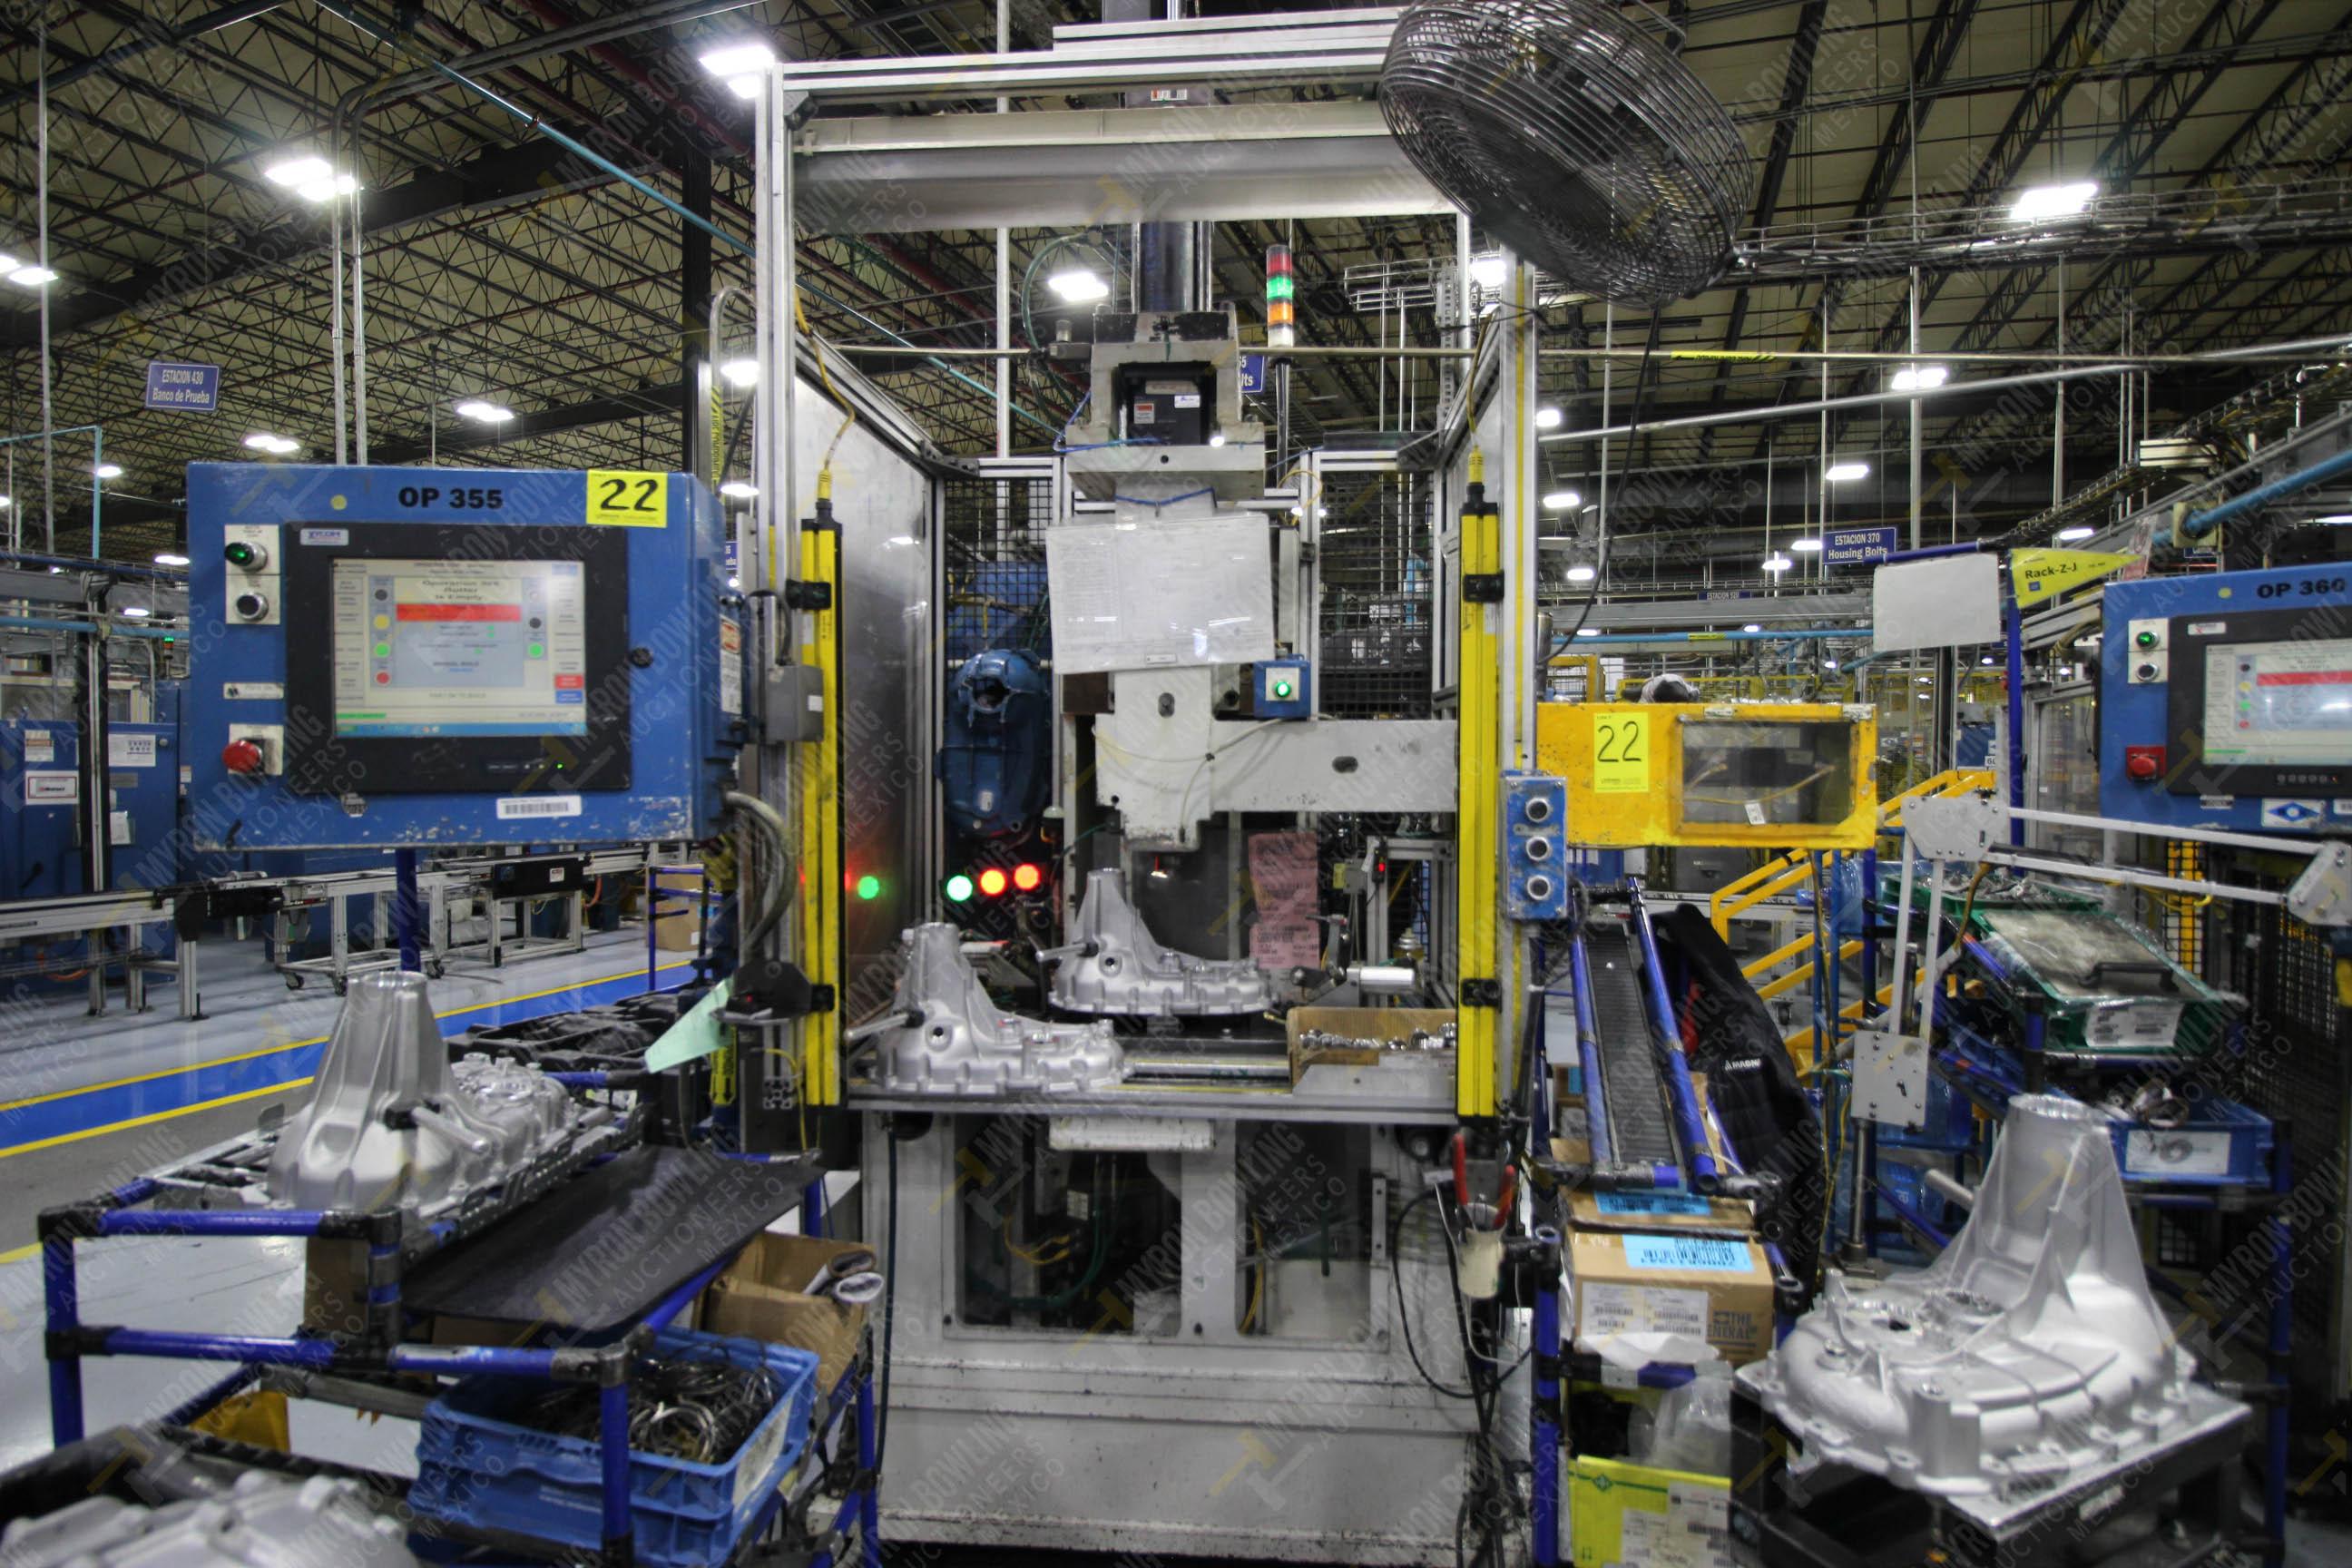 Estación semiautomática para operación 355A, contiene: Prensa en estructura de placa de acero